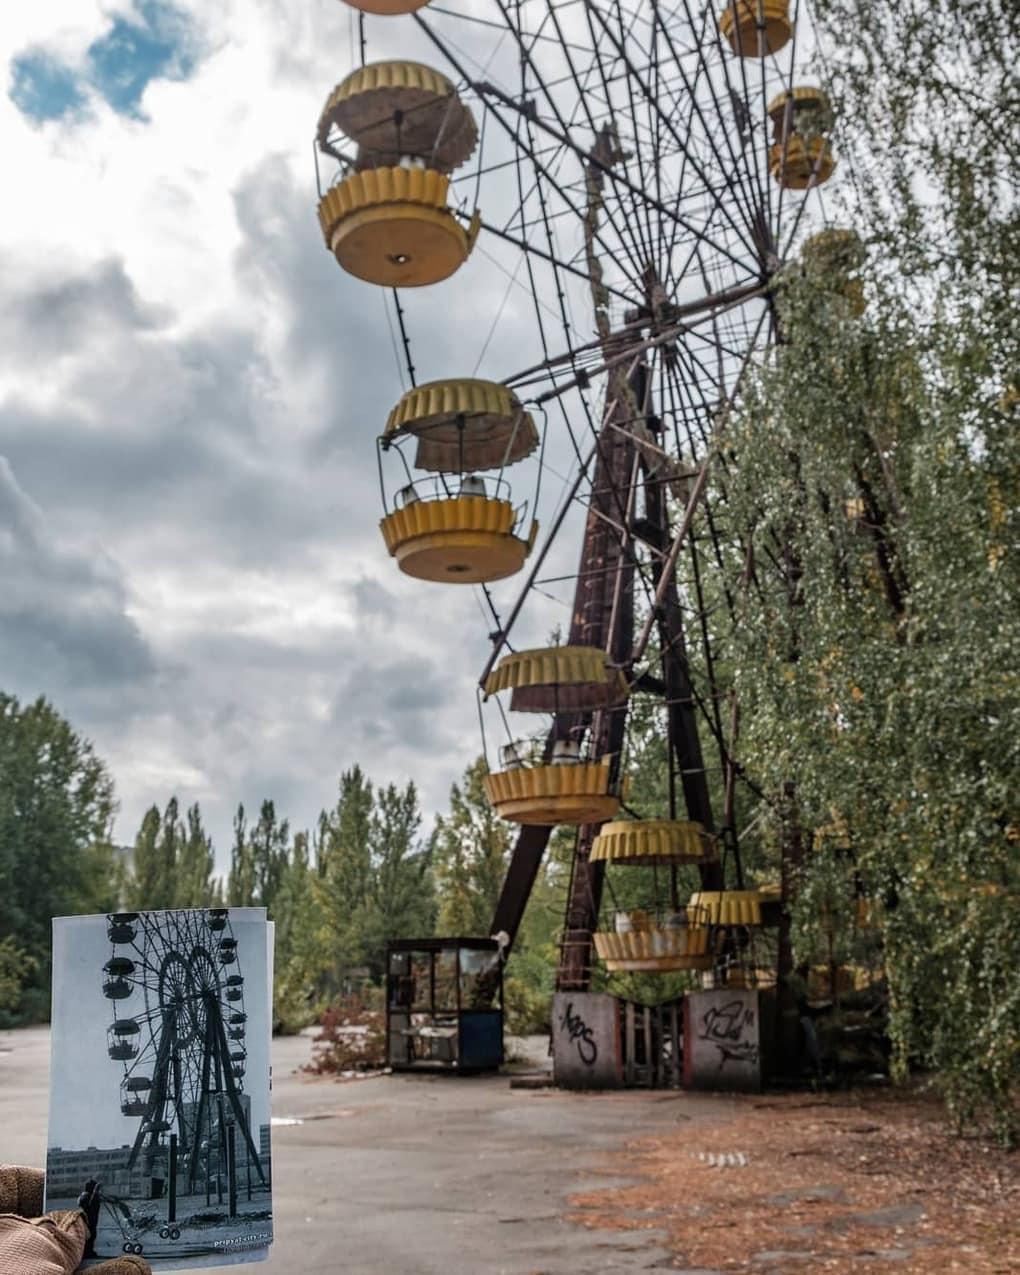 chernobyl 1986 64413642 437843180382800 8041995061271268766 n - 20 фотографий из Чернобыля, которые показывают, как природа восстанавливает заражённую землю